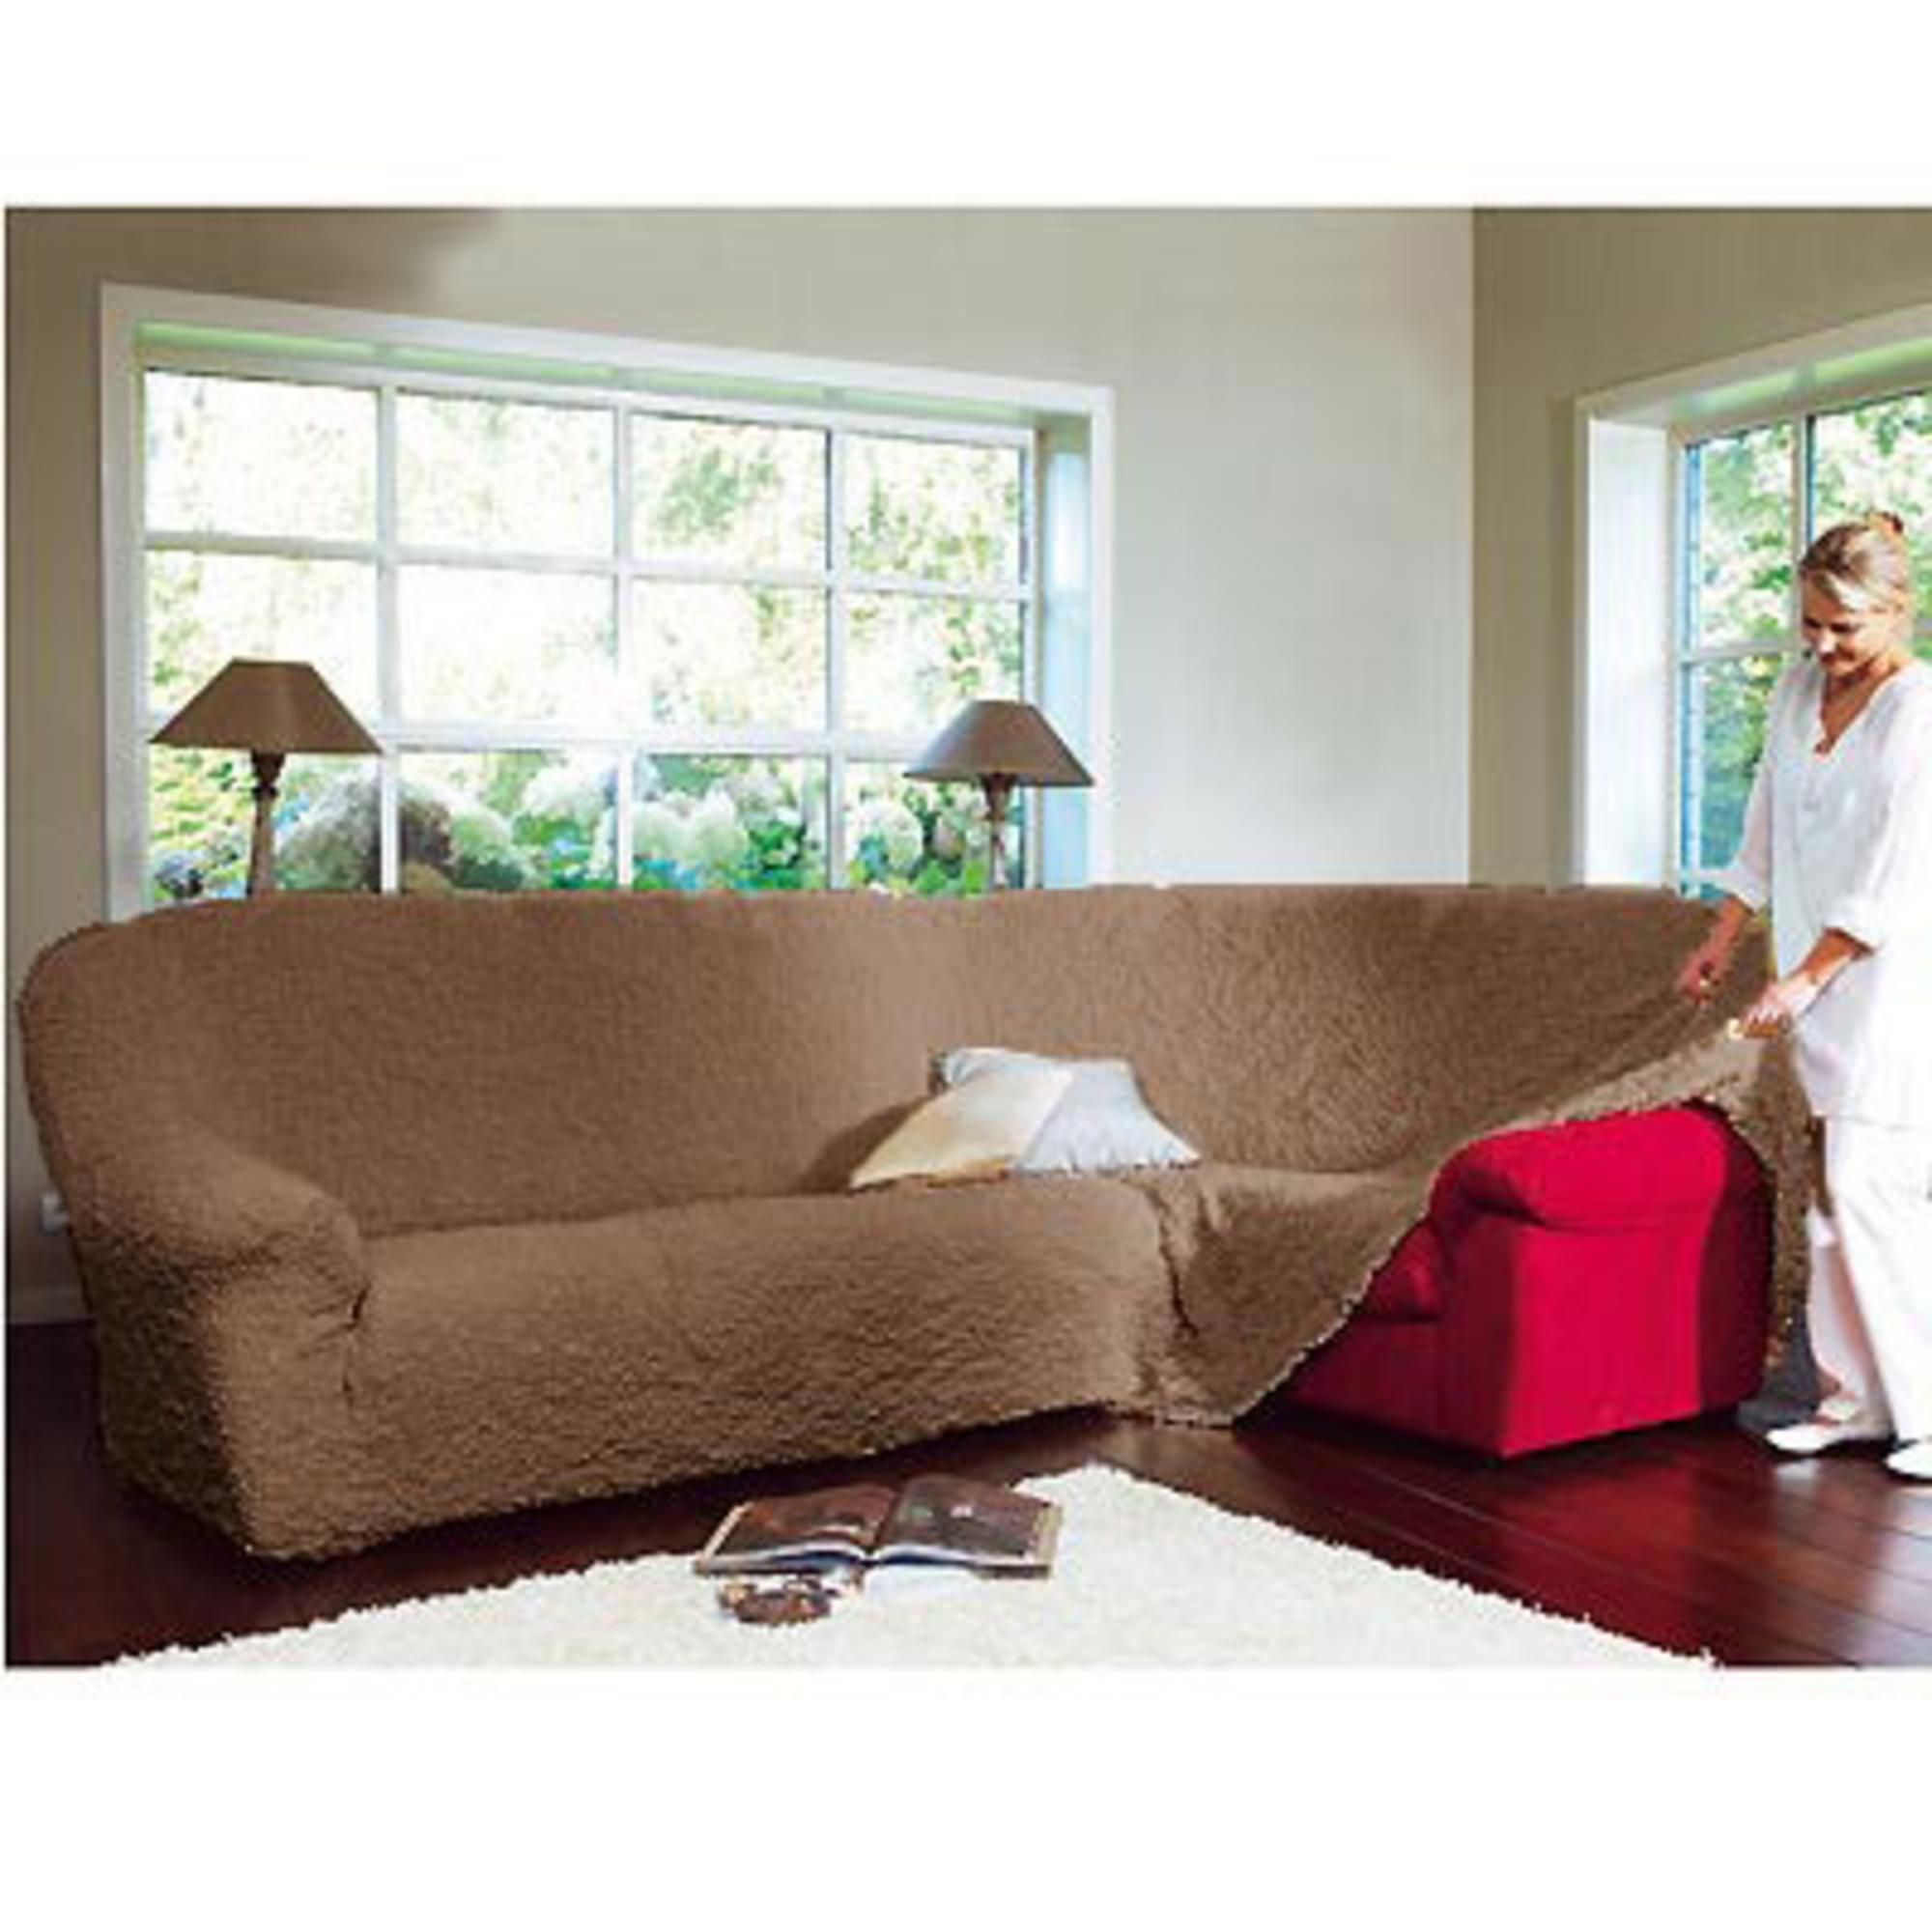 housse canap clic clac 3 places maison et mobilier d. Black Bedroom Furniture Sets. Home Design Ideas